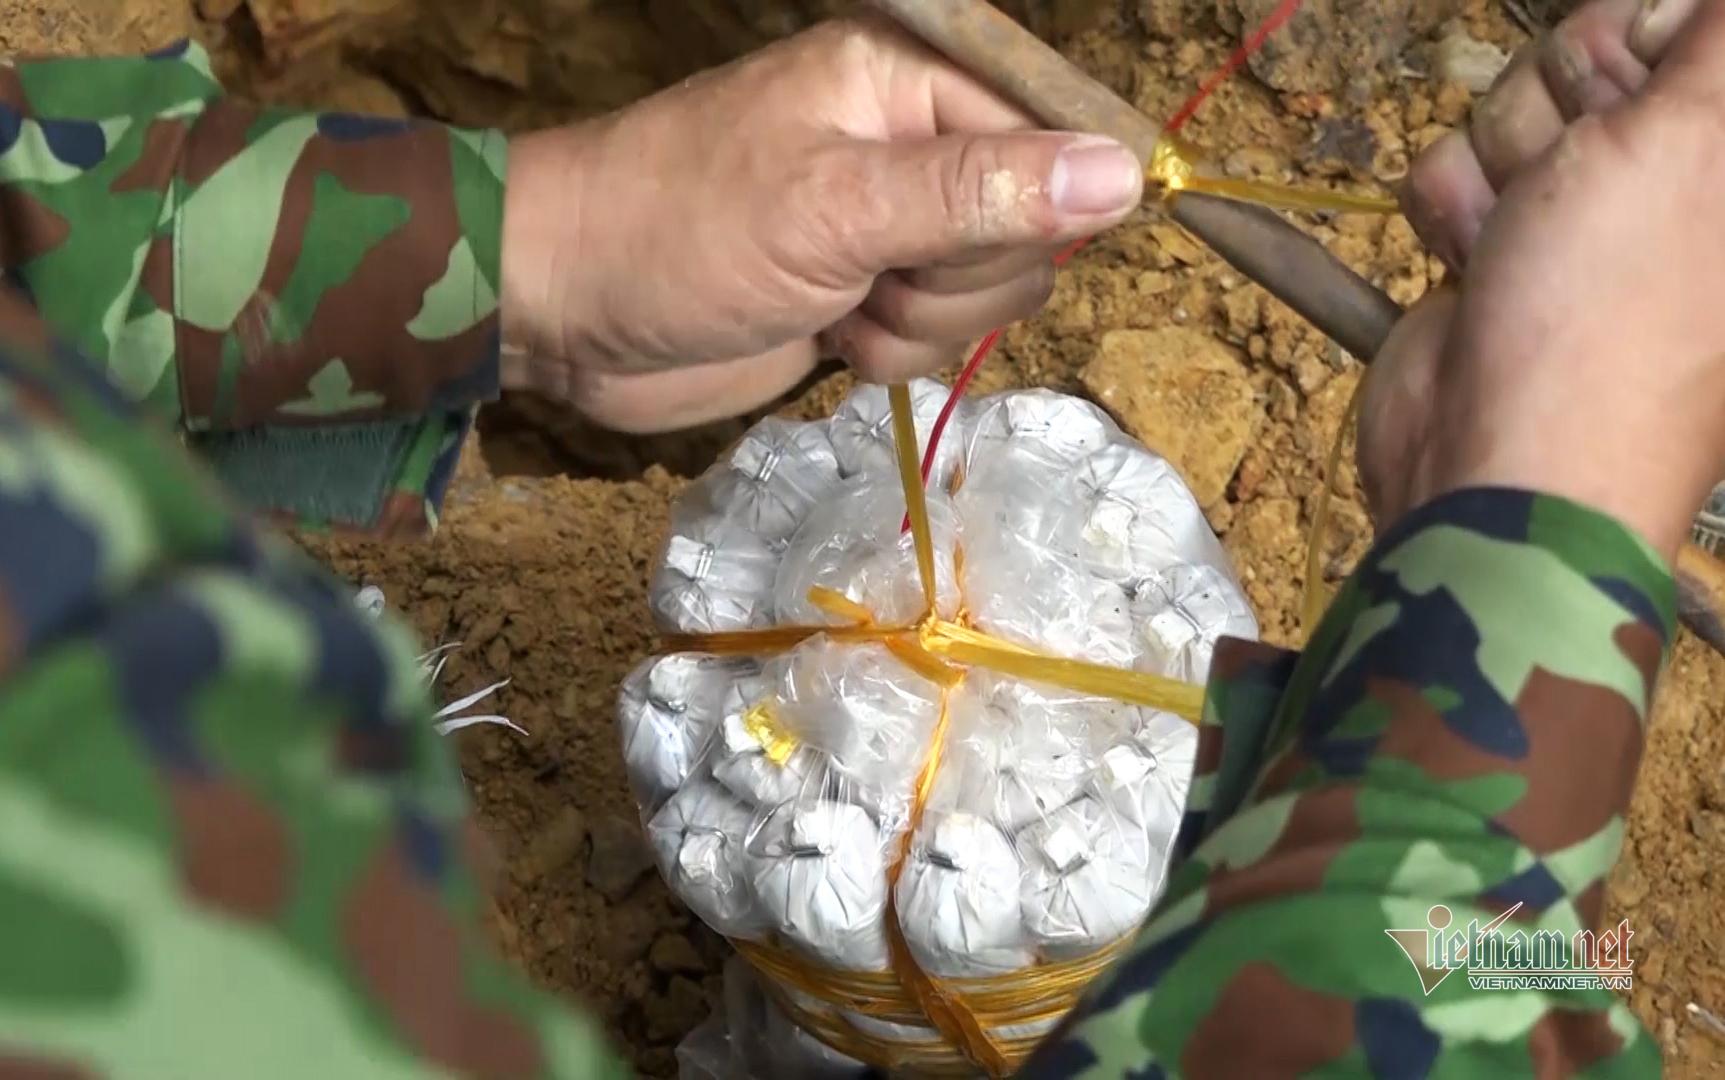 Đặt thuốc nổ đánh sập 29 hầm khai thác vàng trái phép ở Đà Nẵng